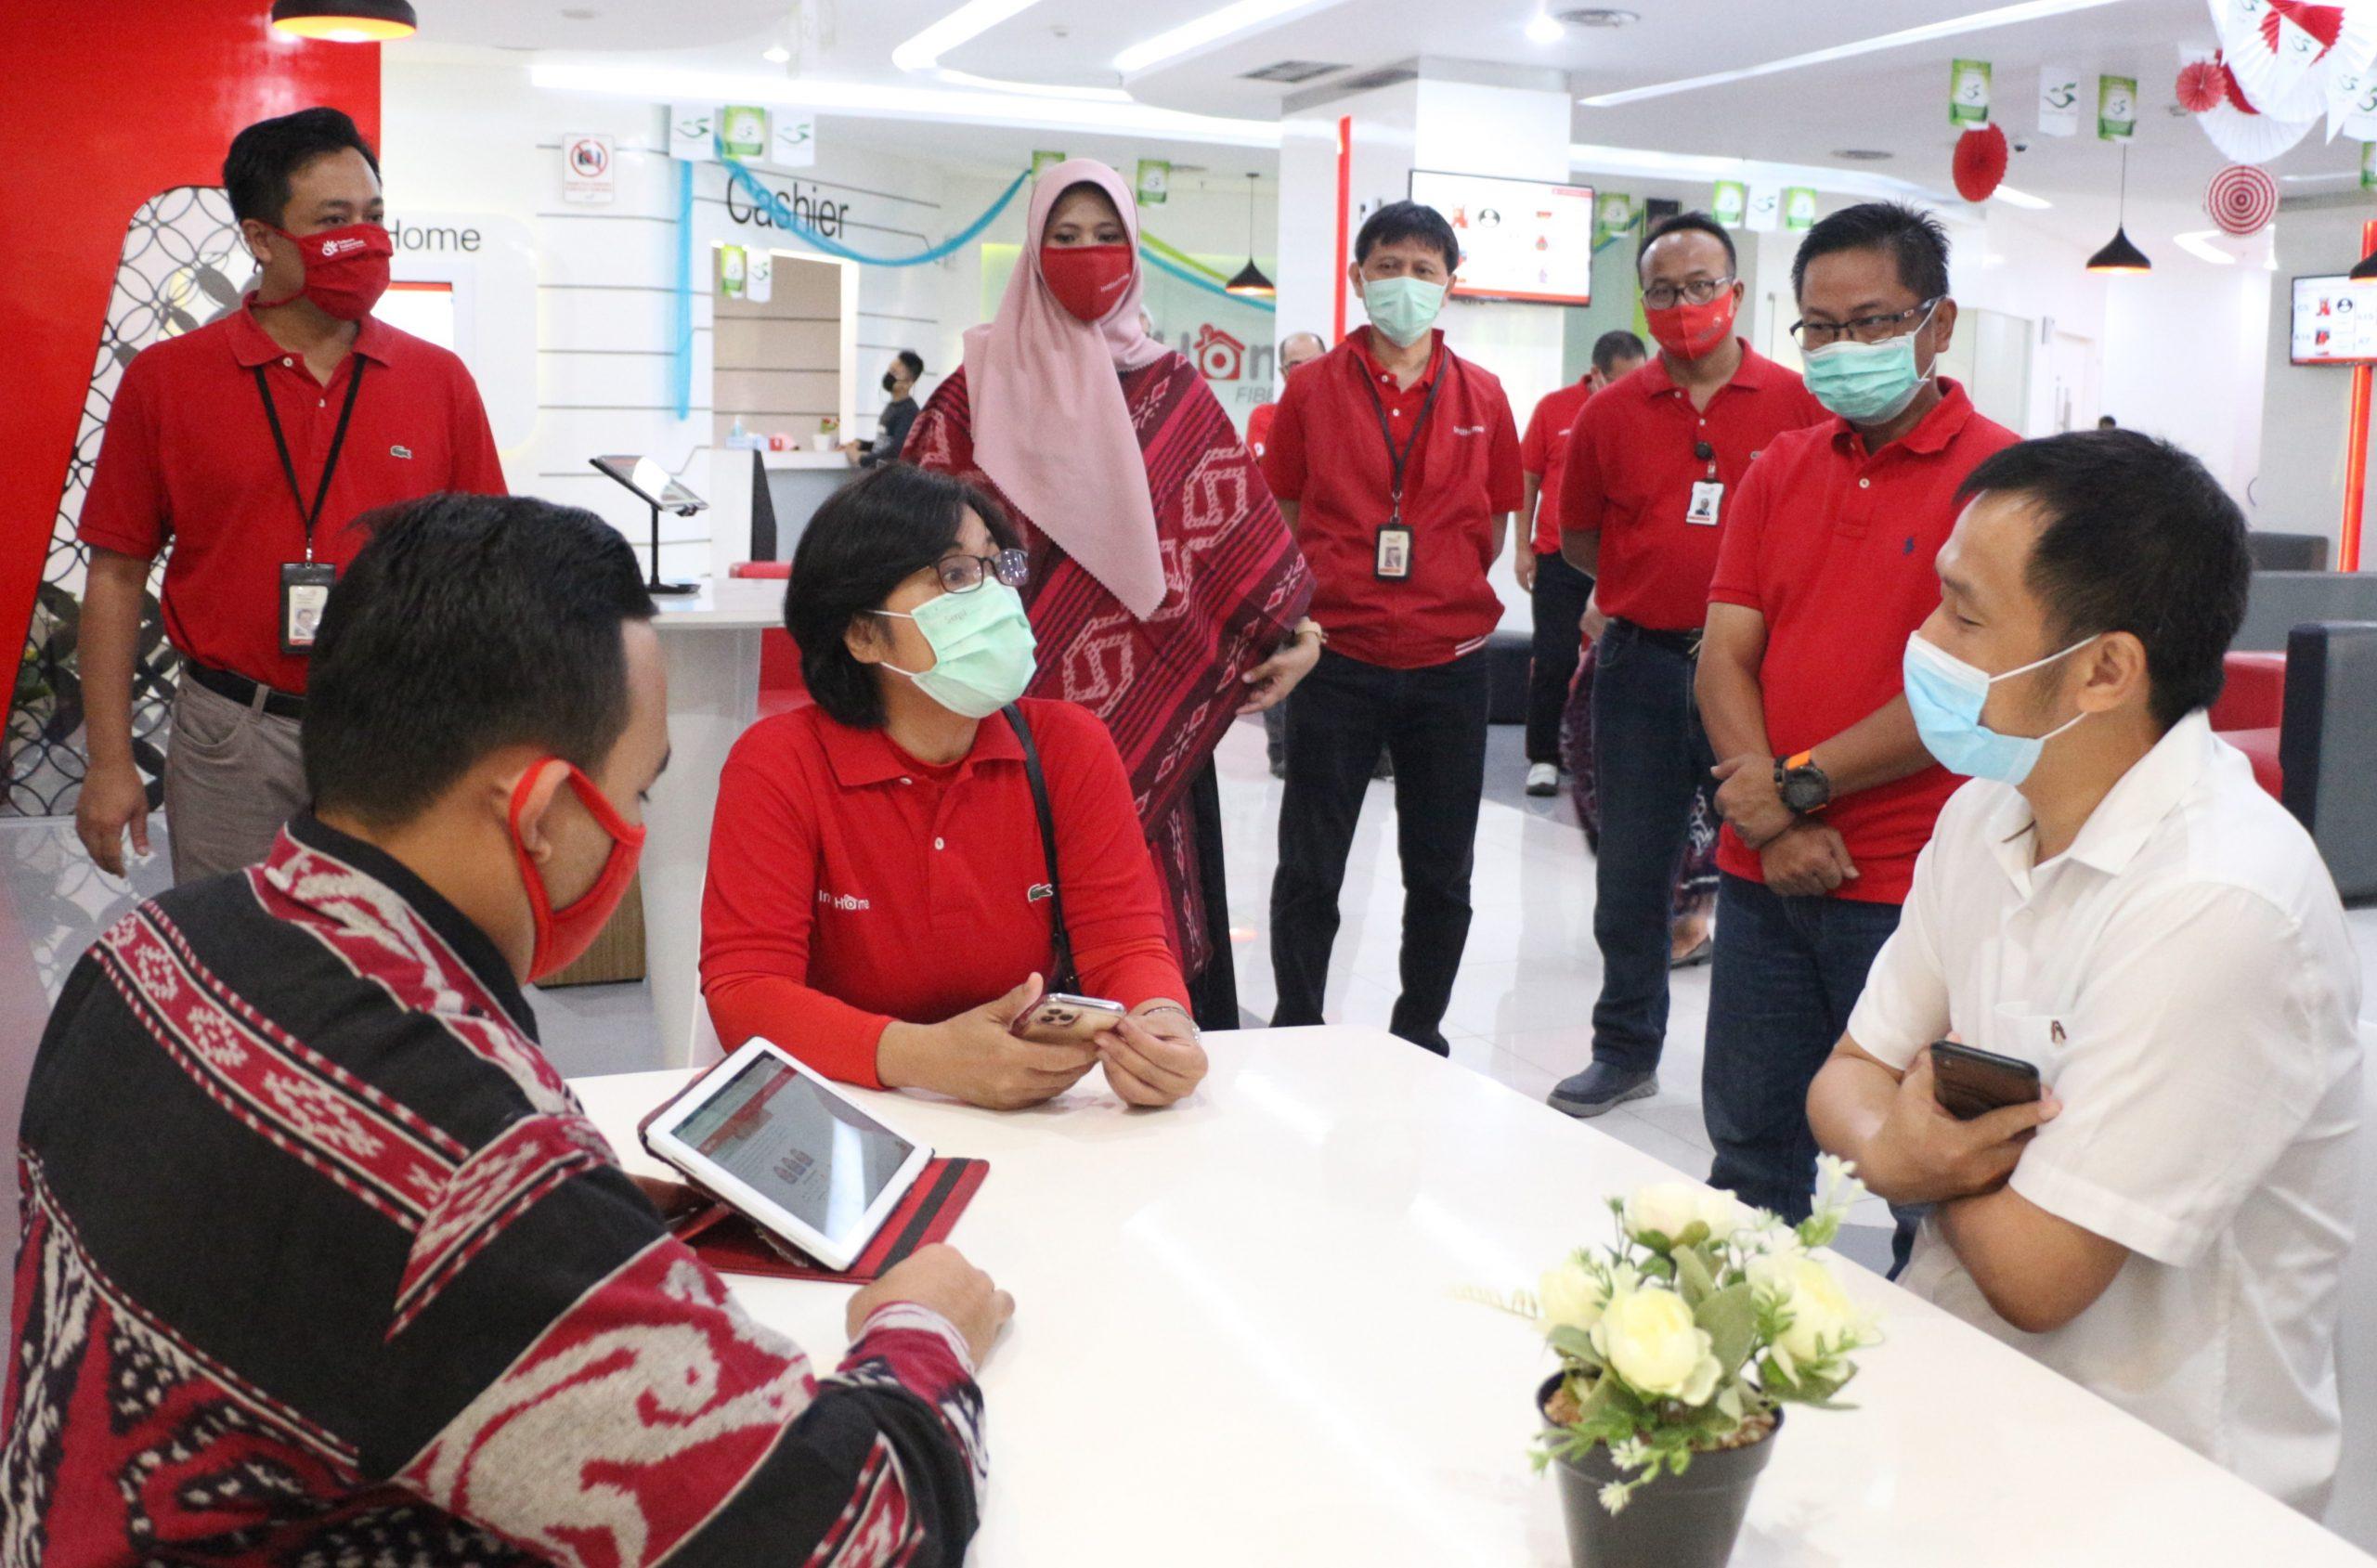 Direktur Consumer Service Telkom FM Venusiana R (ketiga dari kiri) berbincang dengan pelanggan yang mengunjungi Plasa Digital Telkom di Jalan Pahlawan Semarang dalam menyambut Hari Pelanggan Nasional 2020, Jumat (4/9).